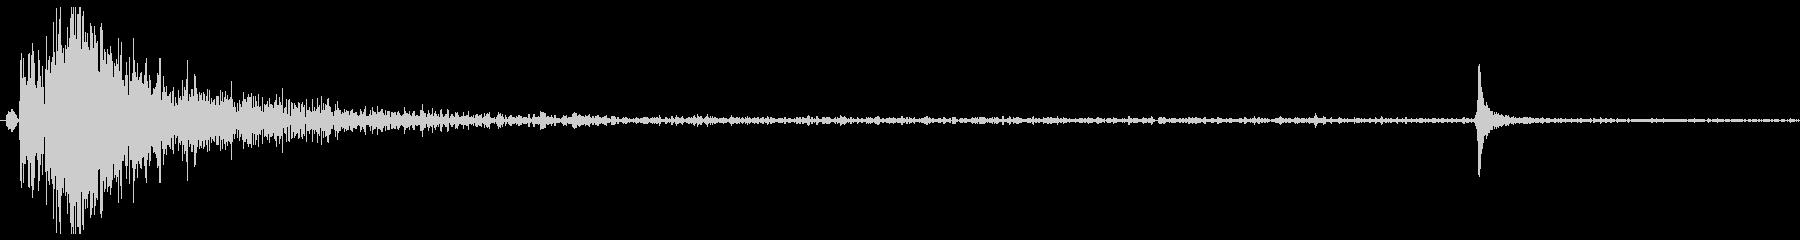 ドアメタルゲートシャットの未再生の波形